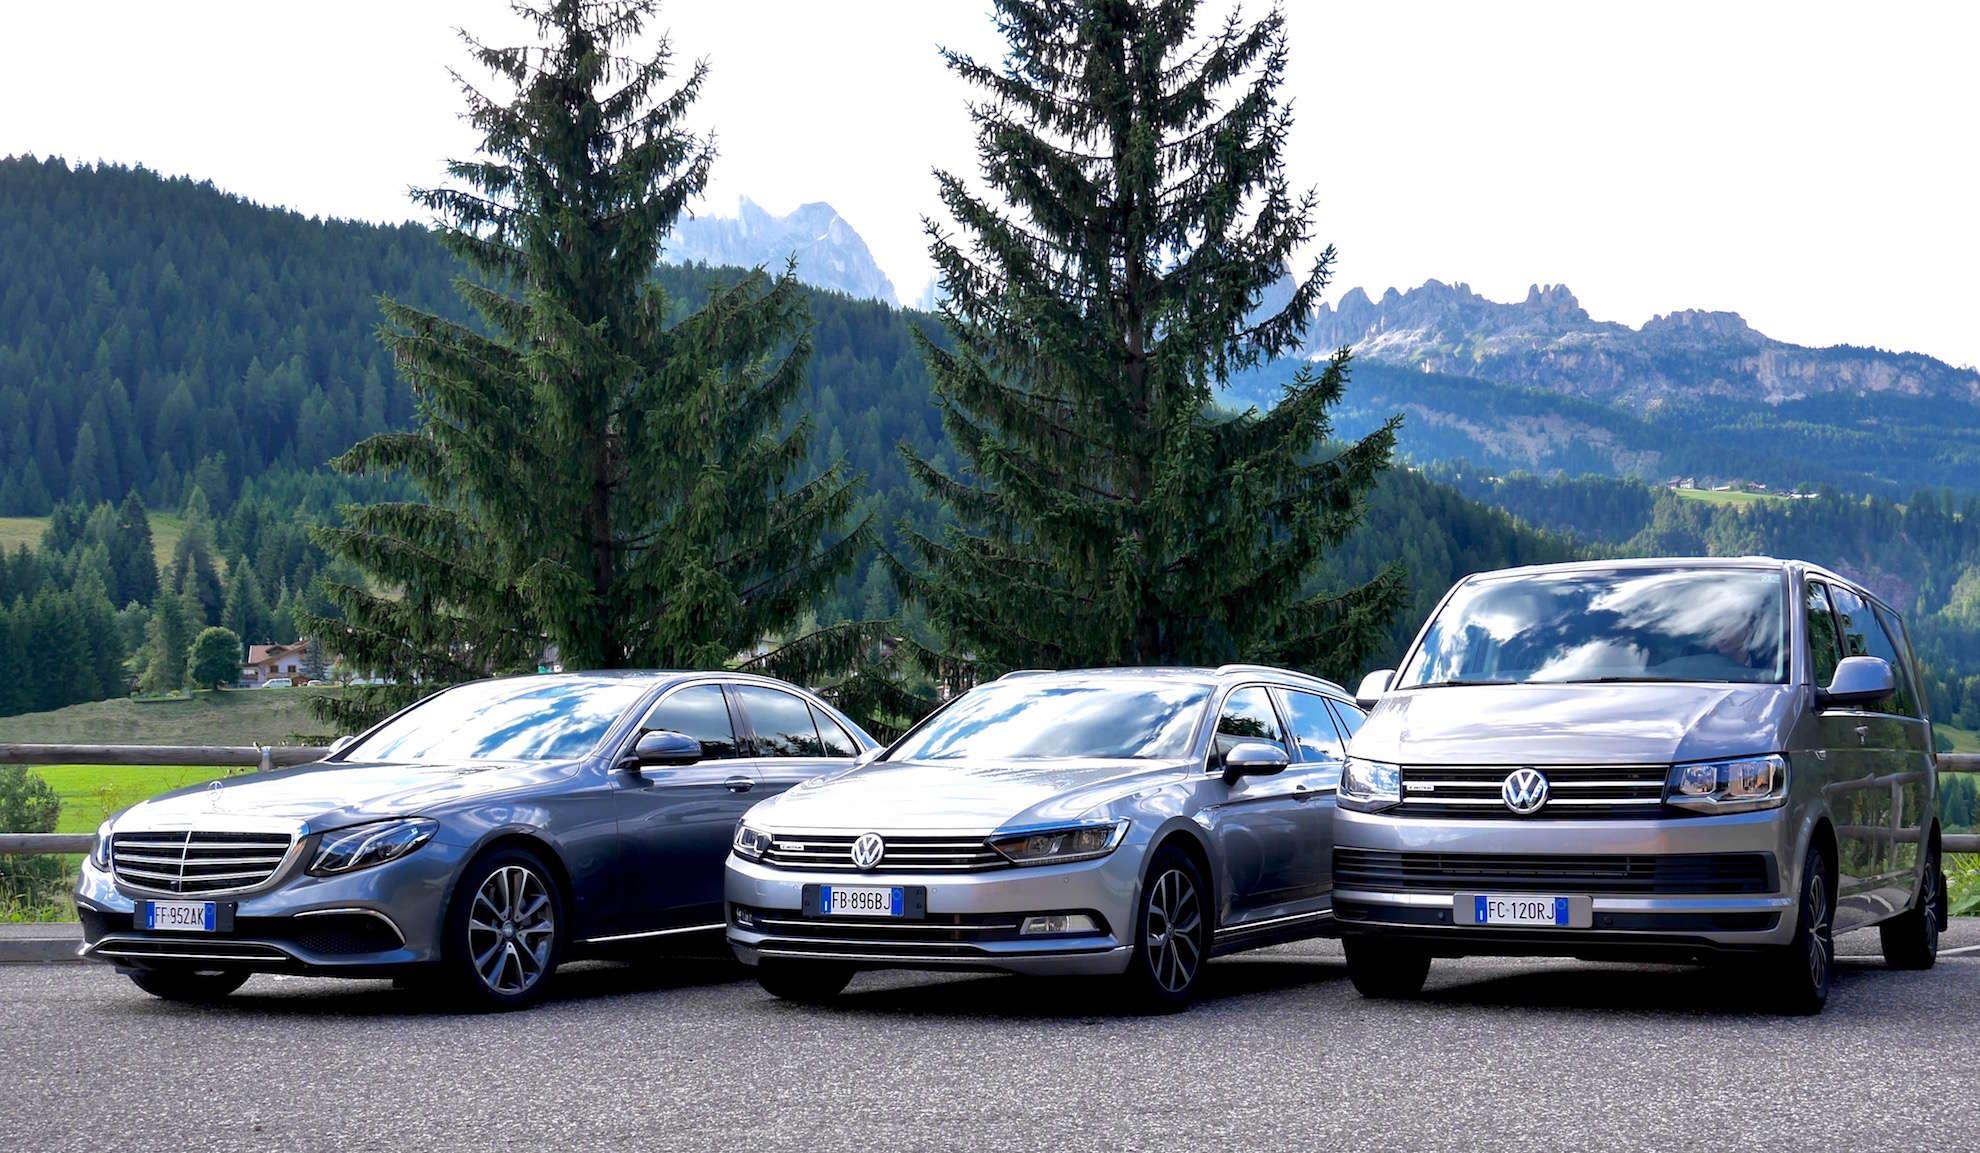 Foto delle autovetture della ditta Desilvestro Taxi e Viaggi, 3 veicoli, Mercedes-Benz Classe E, Volkswagen Passat e Volkswagen Caravelle